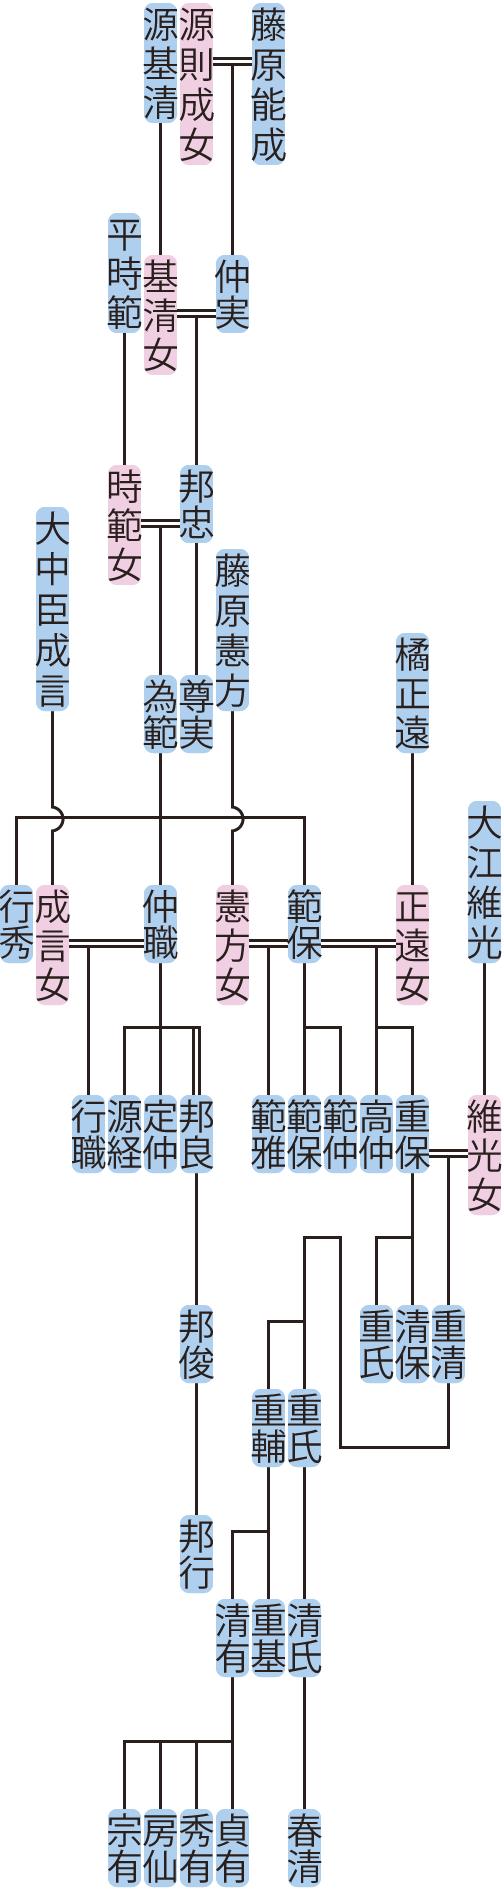 藤原邦忠の系図